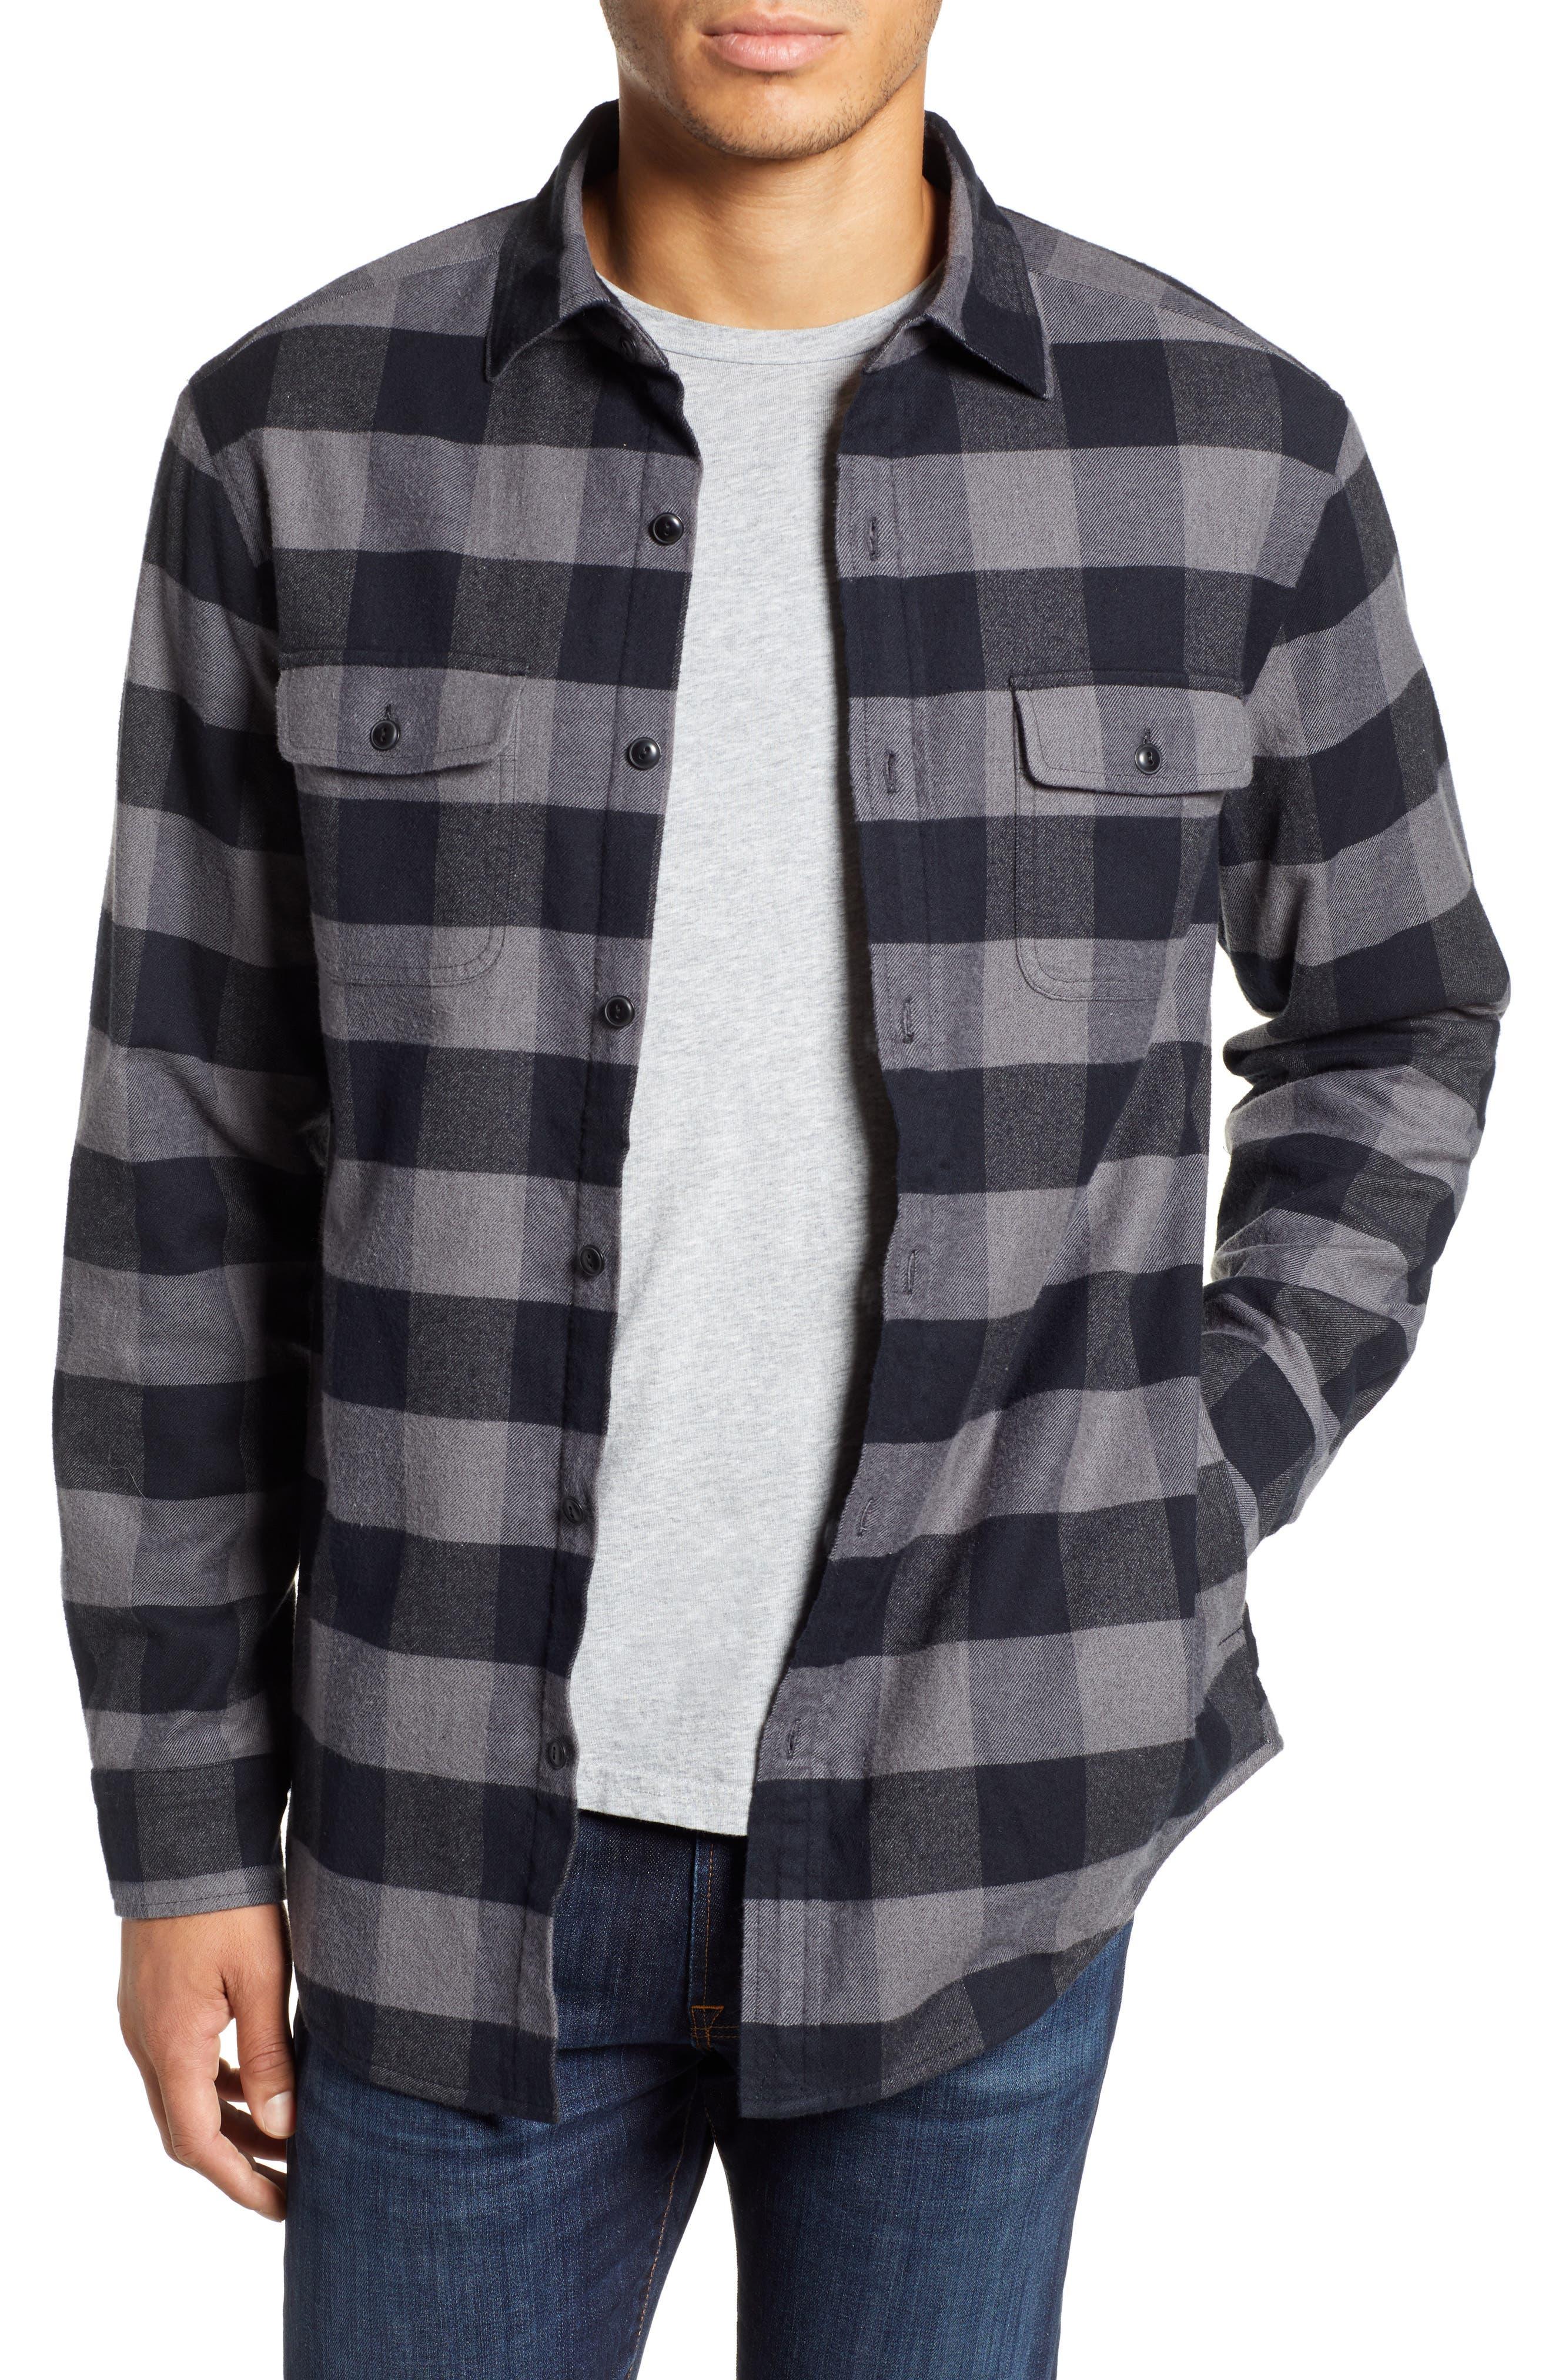 Deepwood Regular Fit Lined Flannel Shirt Jacket,                         Main,                         color, EVENING SKY